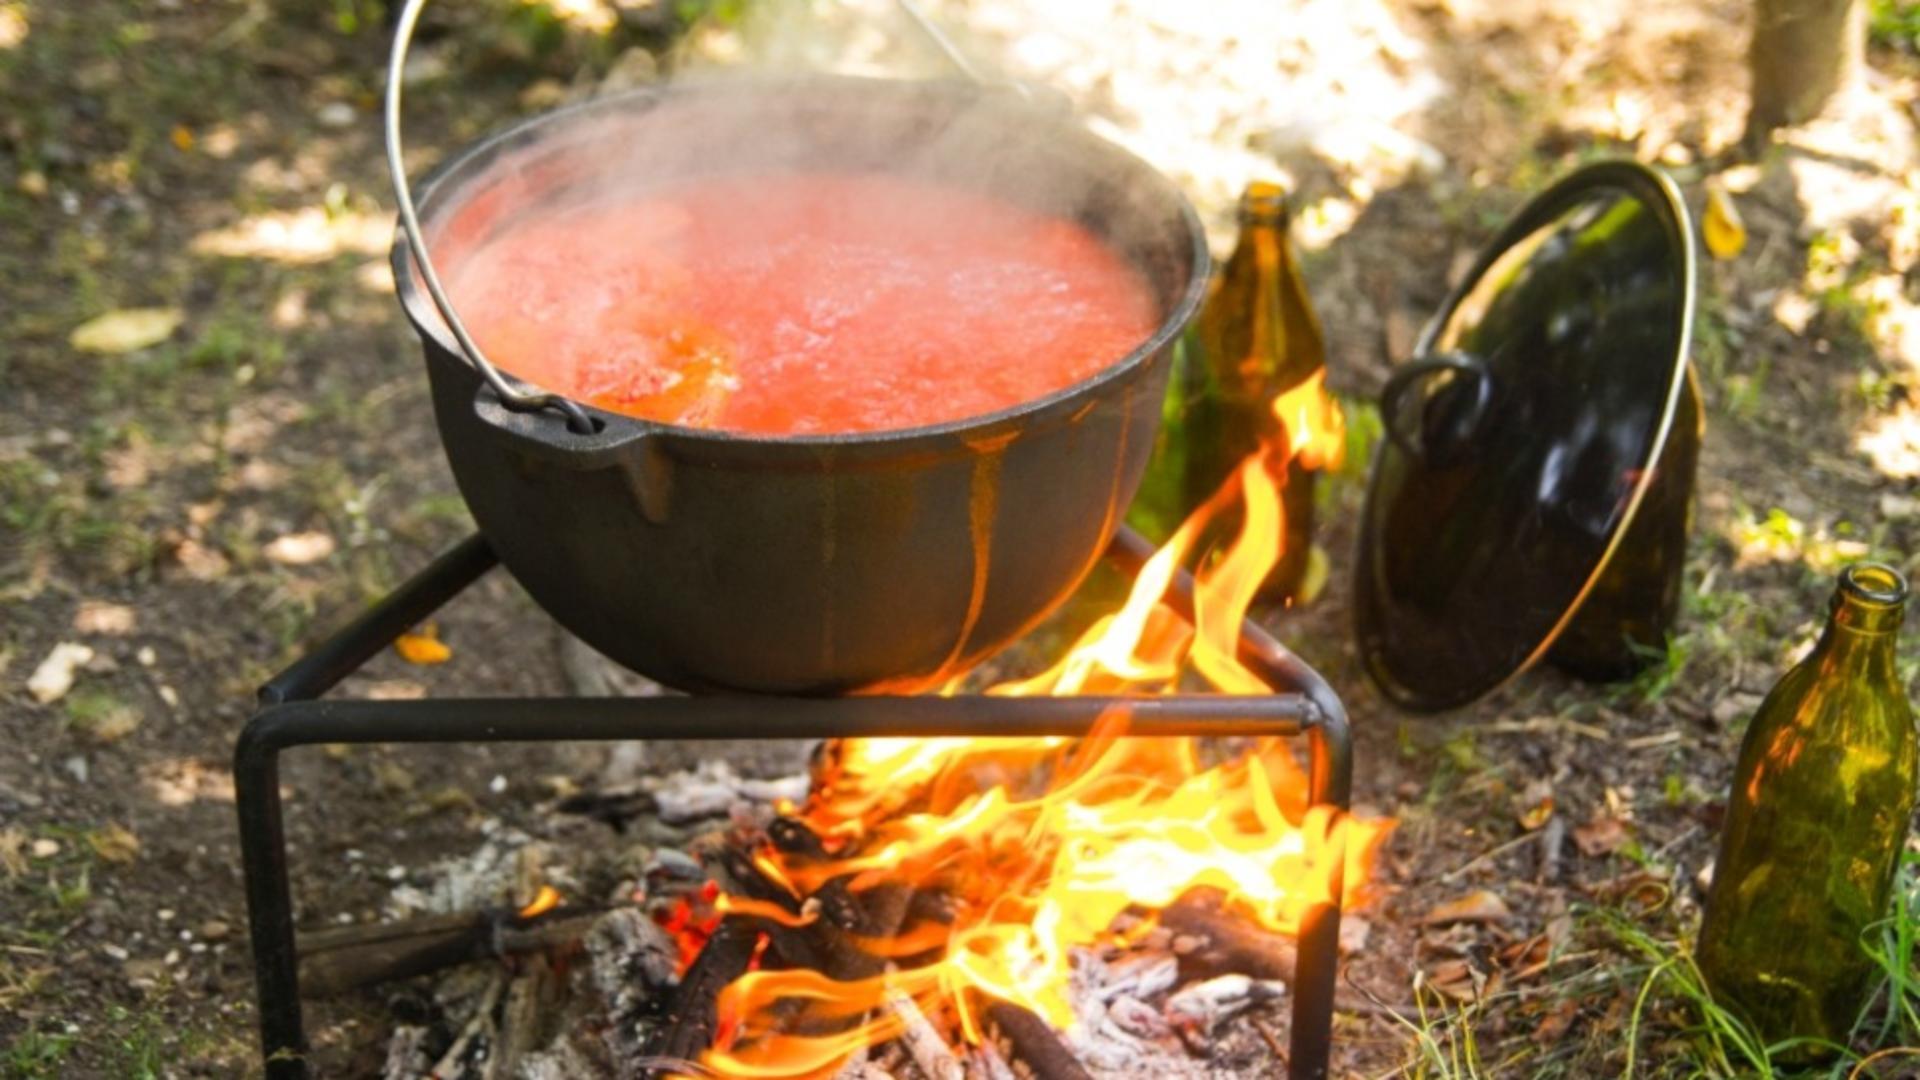 Ciorba pe pirostrii, gustul de altădată. Foto/oti.ro